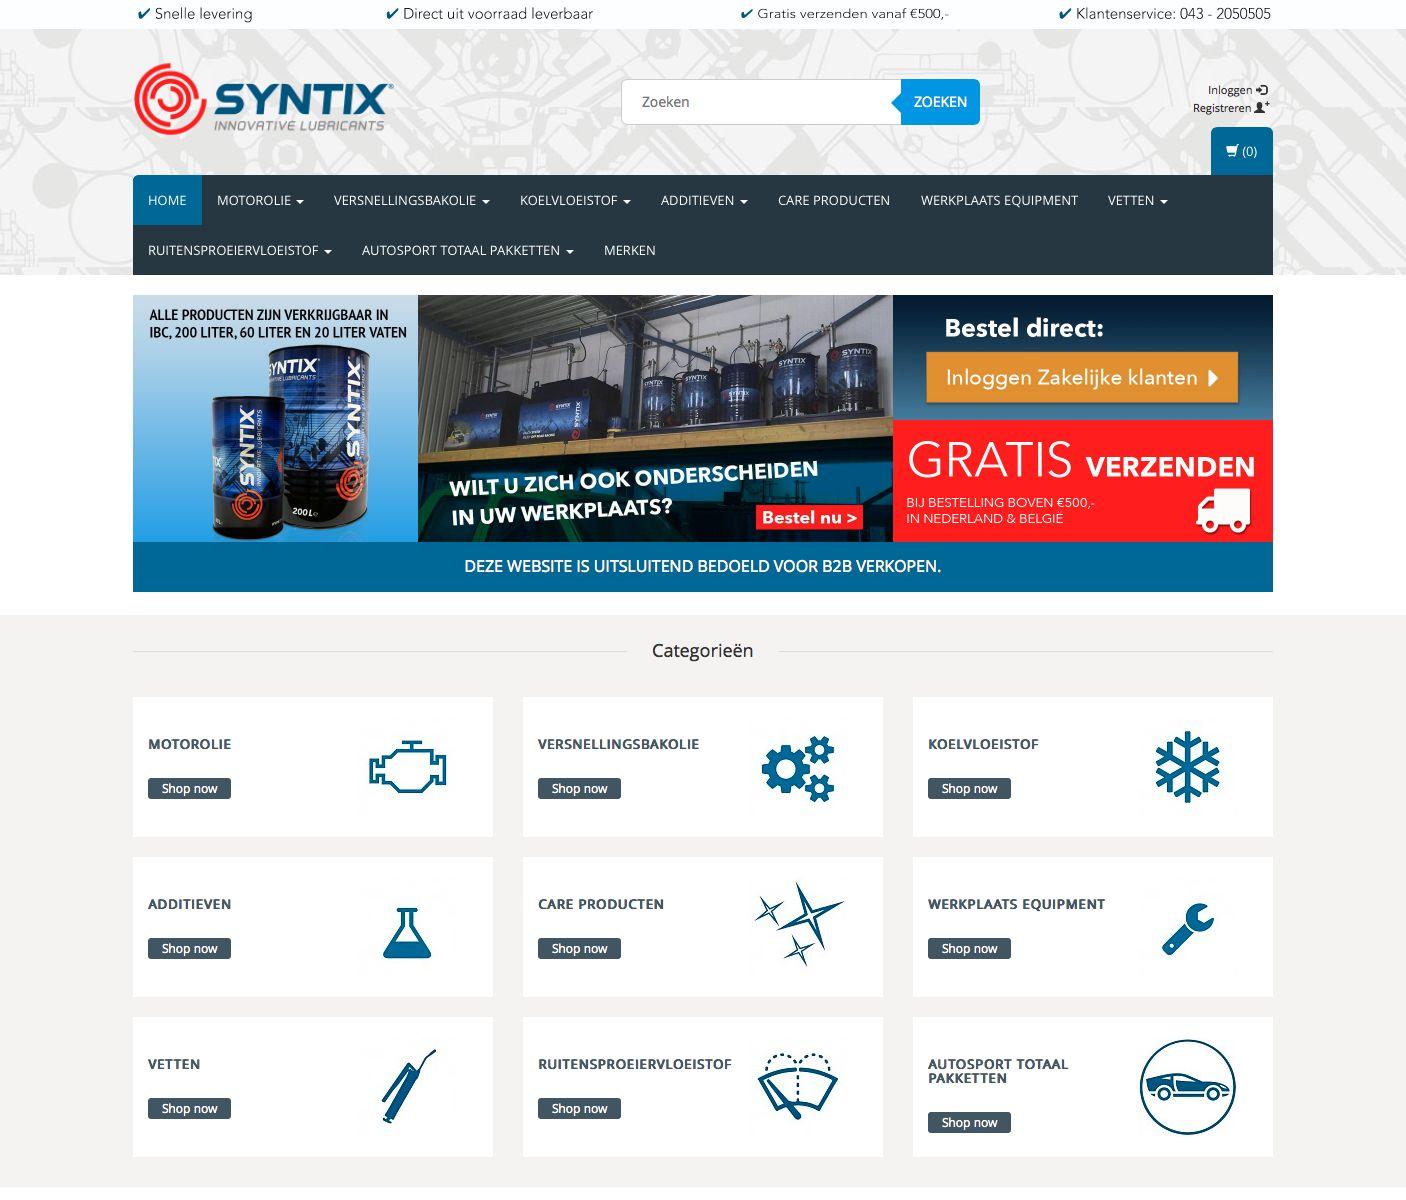 NIEUW! B2B webshop voor de zakelijke SYNTIX gebruiker.